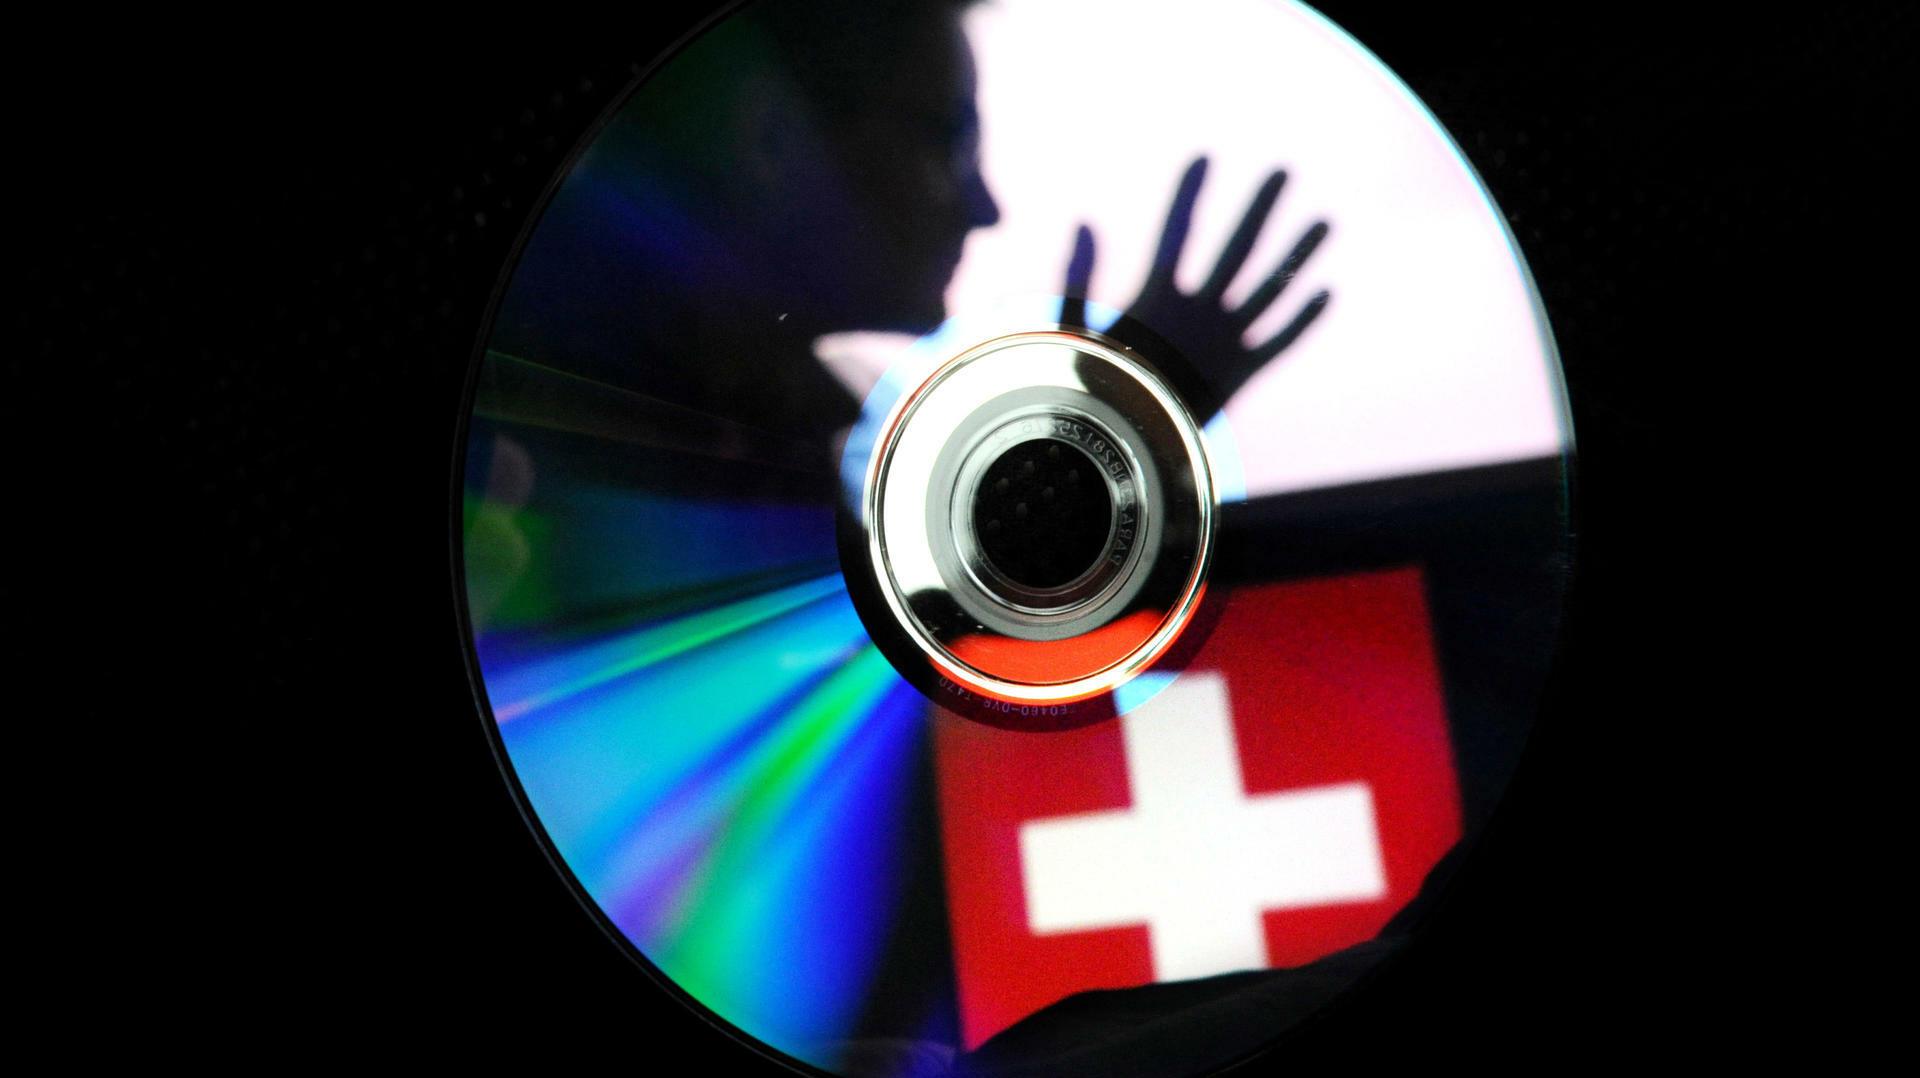 Steuerabkommen in Gefahr: NRW bereitet Kauf von weiteren Steuer-CDs vor